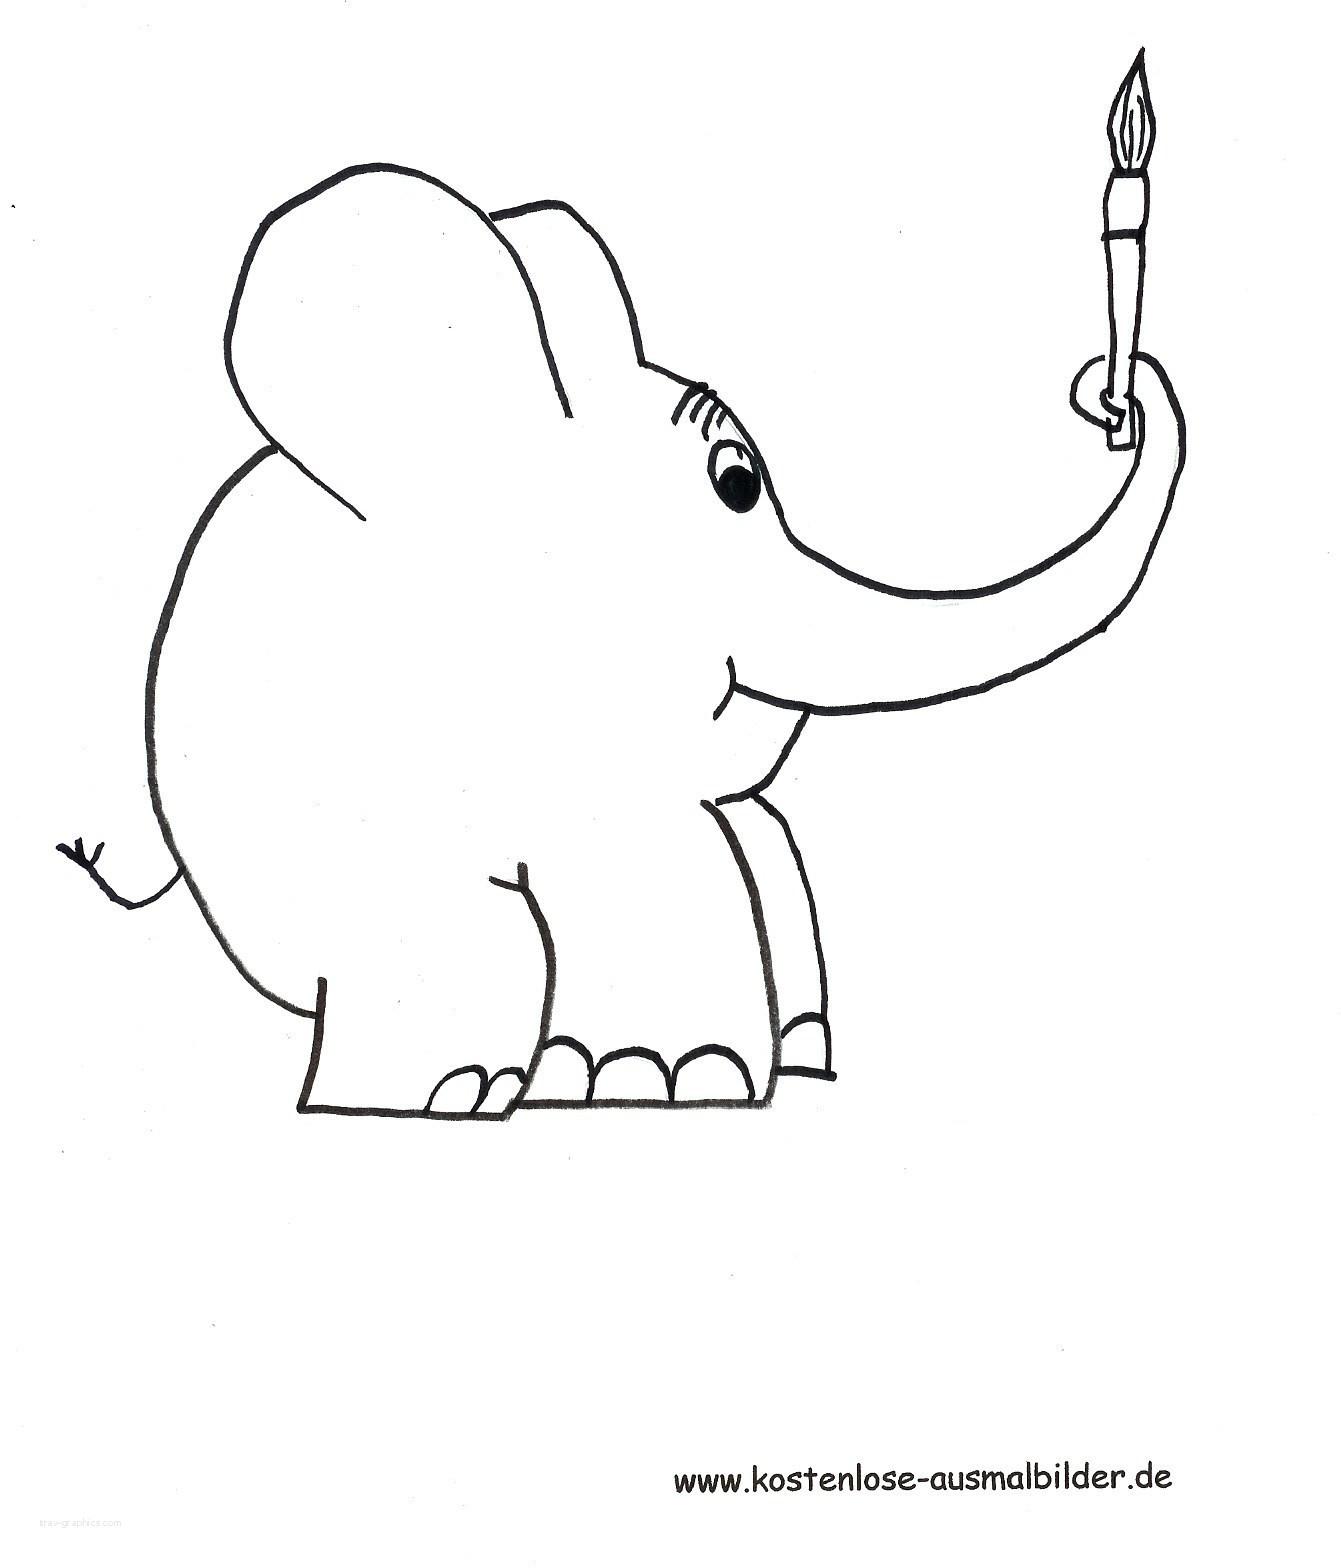 Maus Und Elefant Ausmalbilder Neu 32 Ausmalbilder Elefanten Trav Graphics Bilder